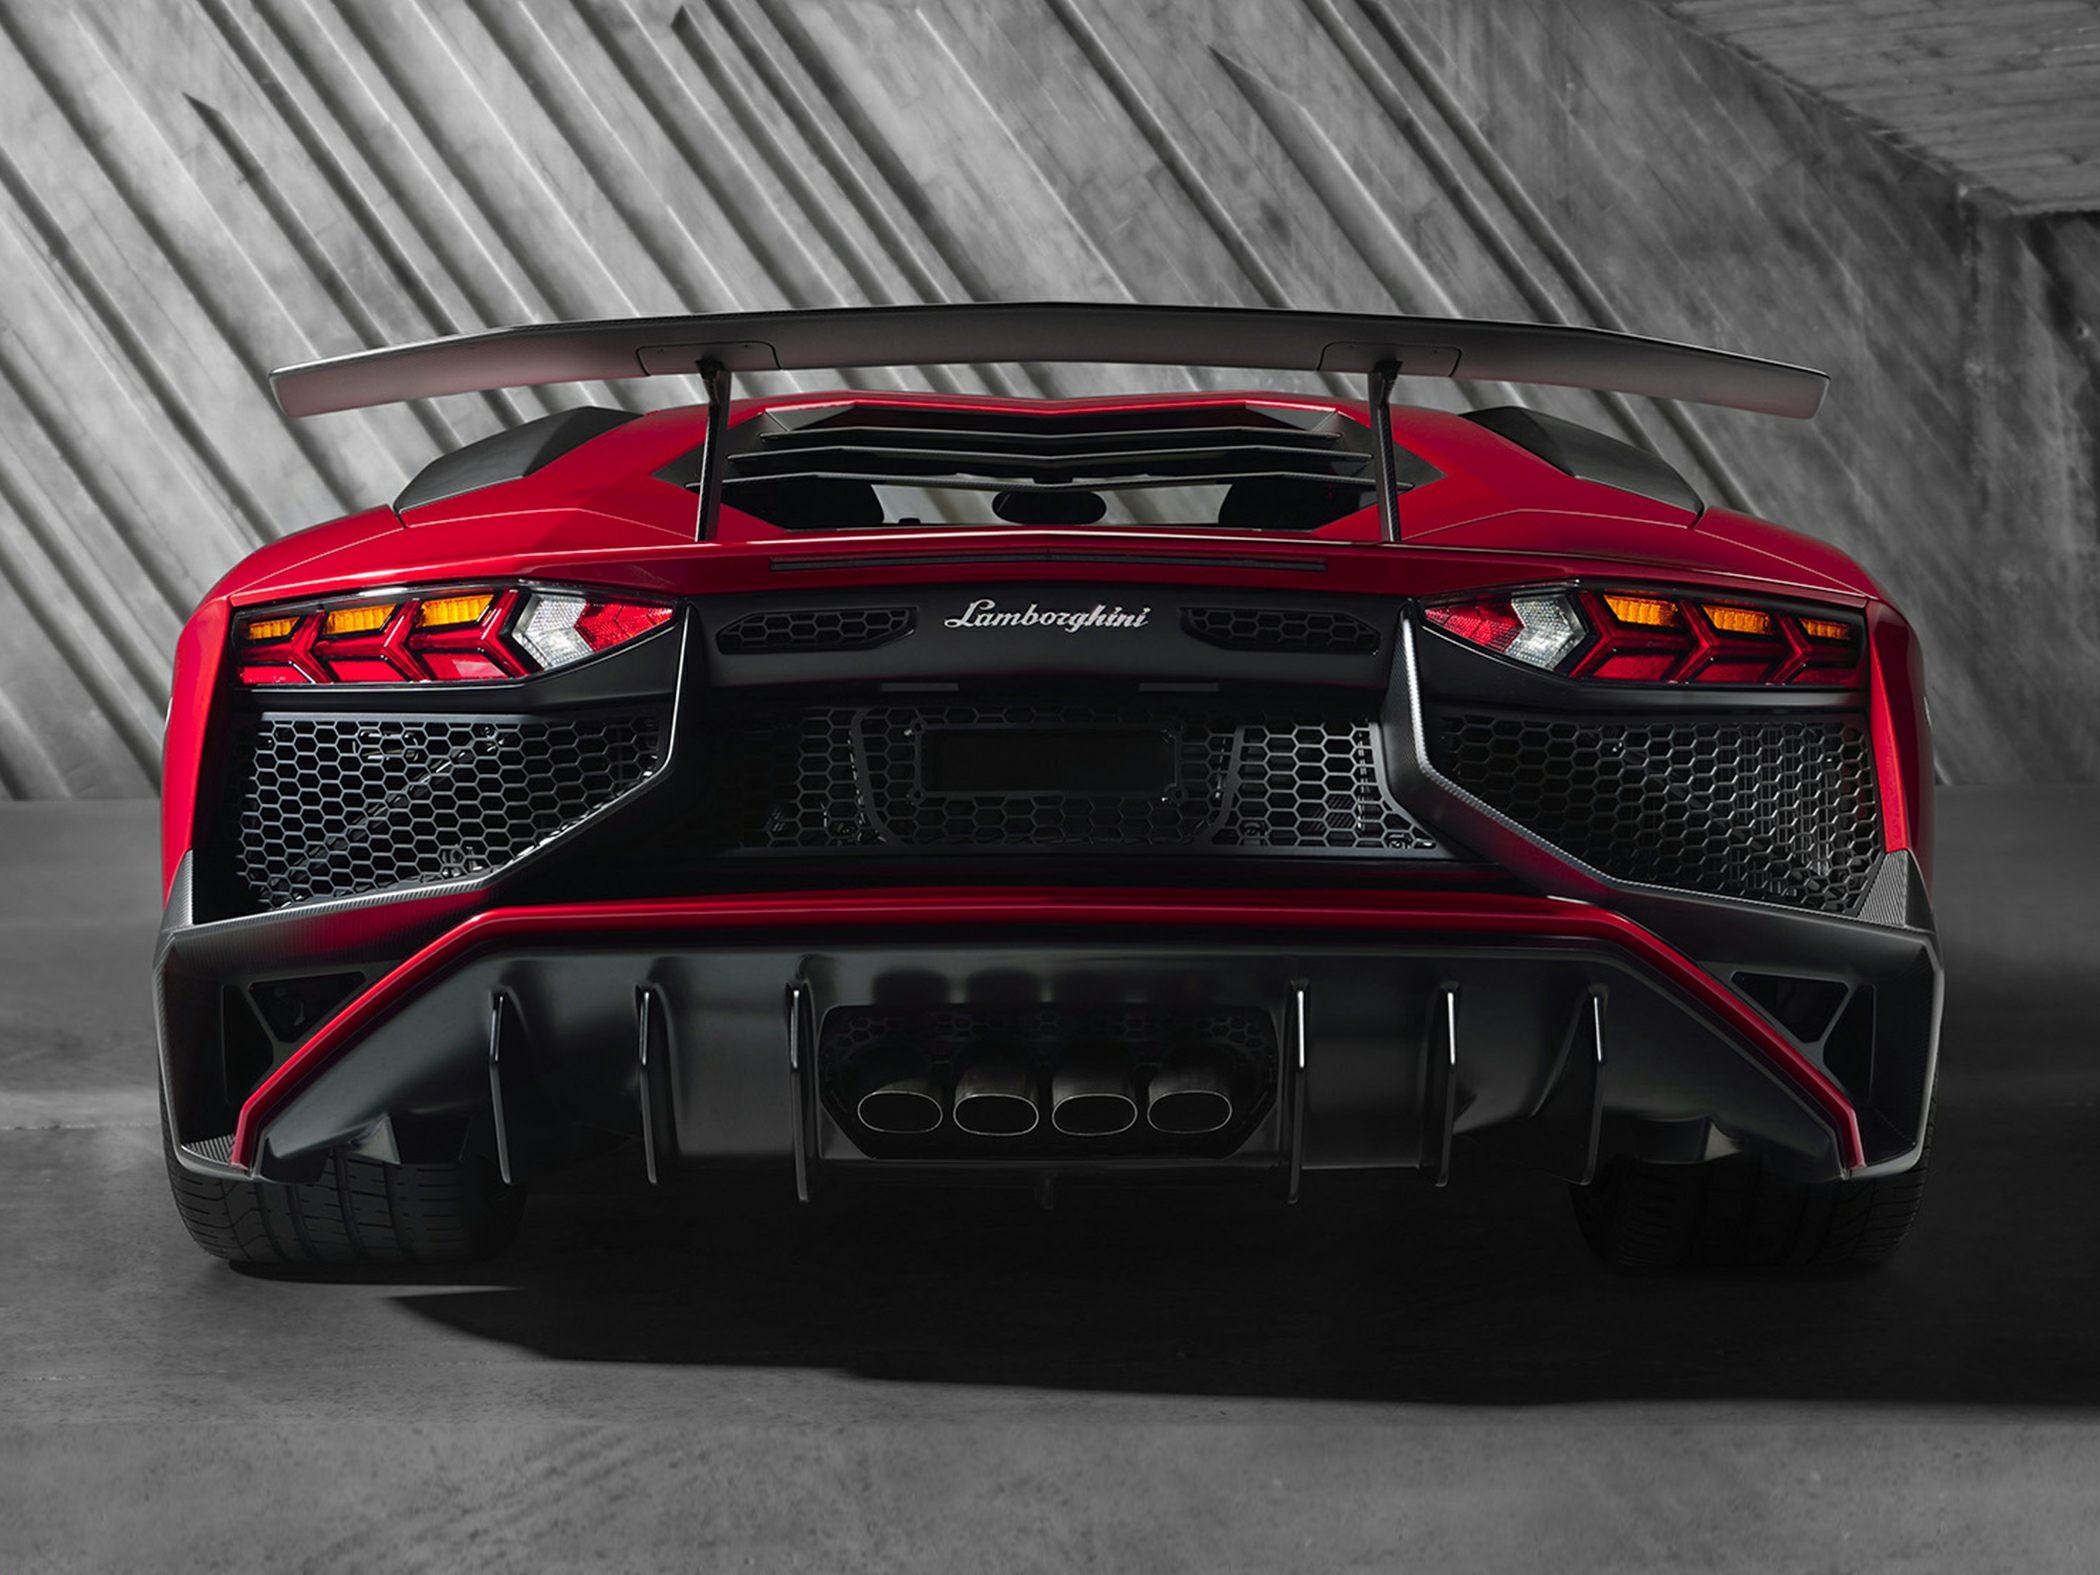 2017 Lamborghini Aventador Lp750 4 Superveloce 2dr All Wheel